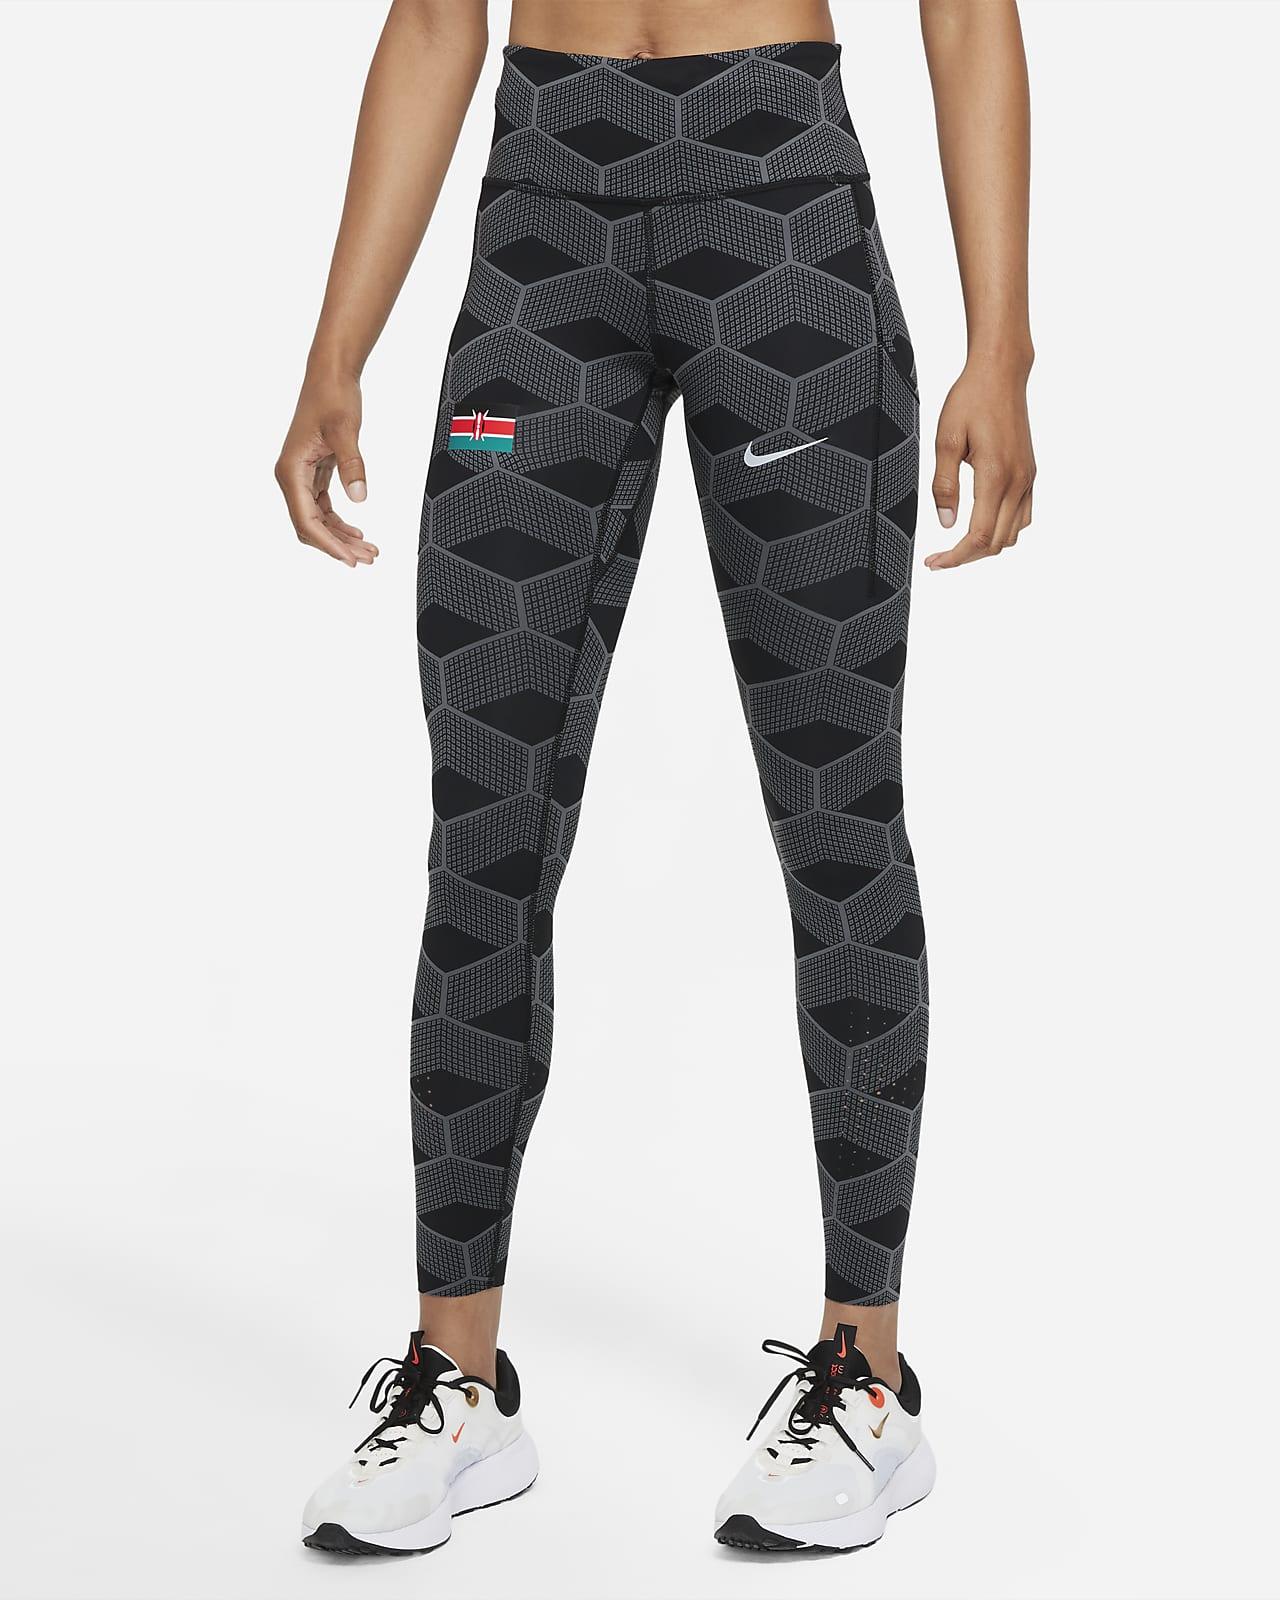 Nike Team Kenya Epic Luxe Women's Mid-Rise Running Leggings